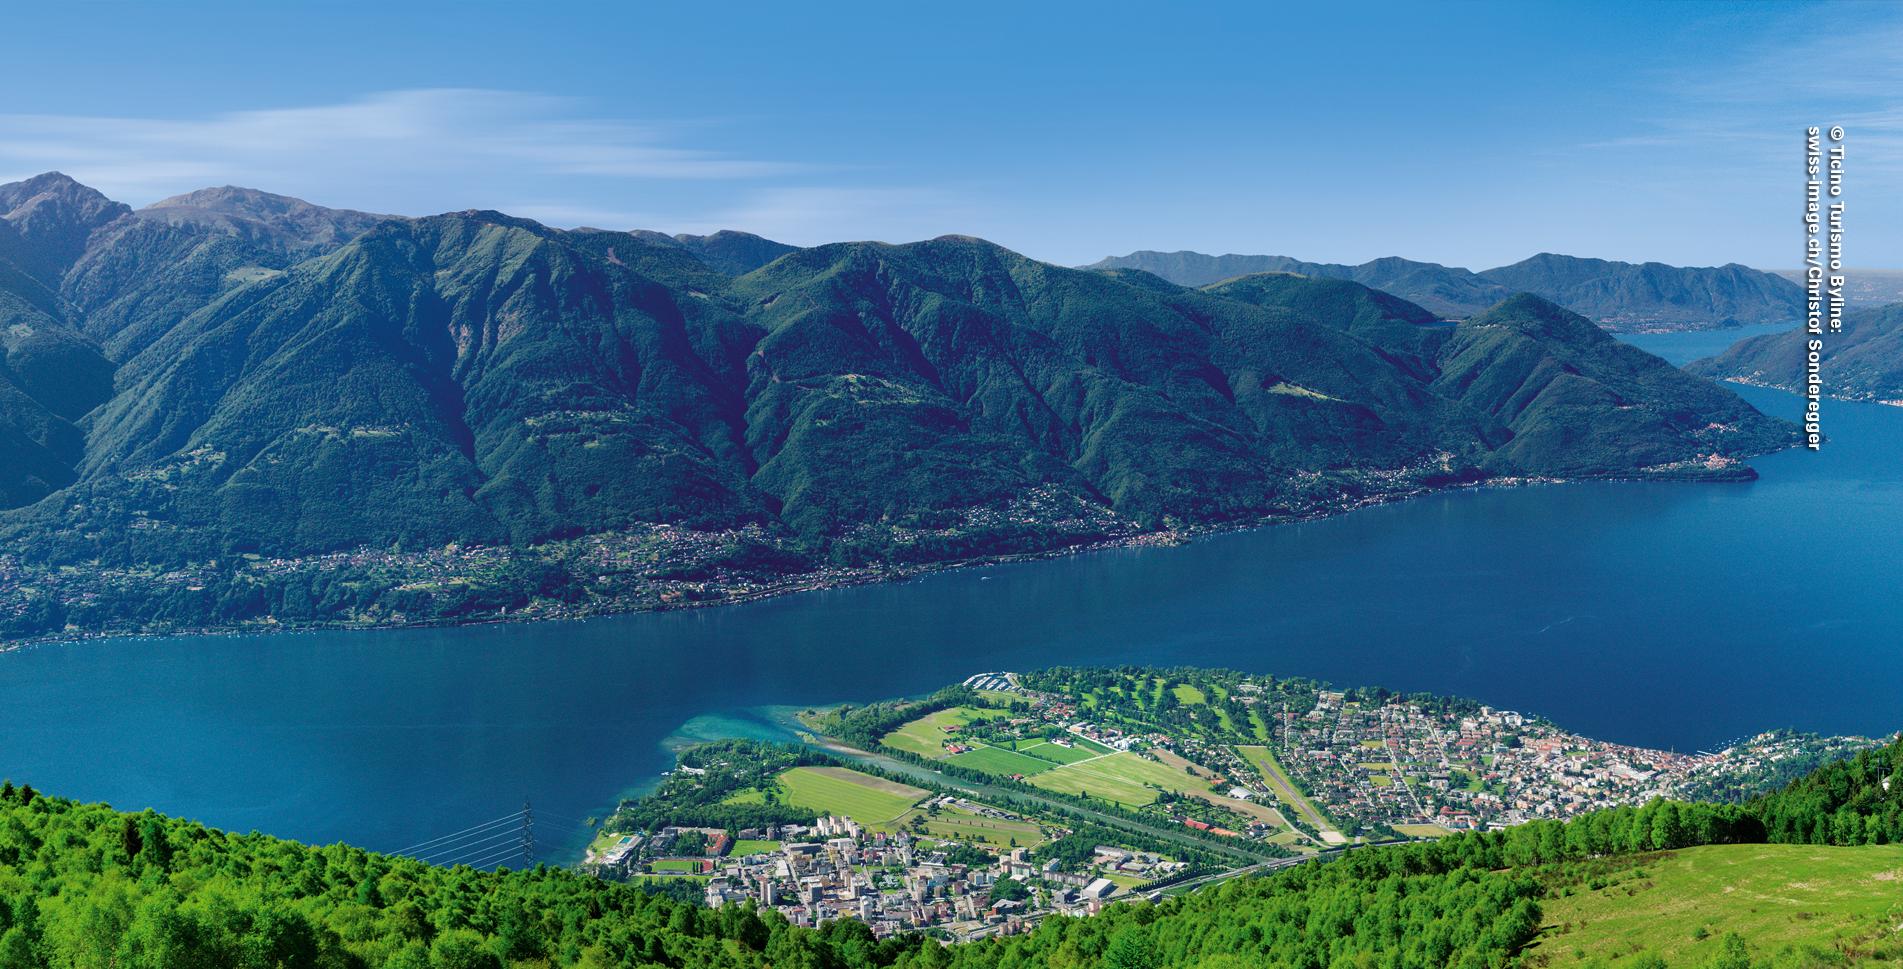 Wanderung oberhalb von Madonna del Sasso / Locarno von der Cardada via Talstation der Cimetta-Sesselbahn, Alpe Cardada, Capanna Lo Stallone, Monti di Lego nach Mergoscia